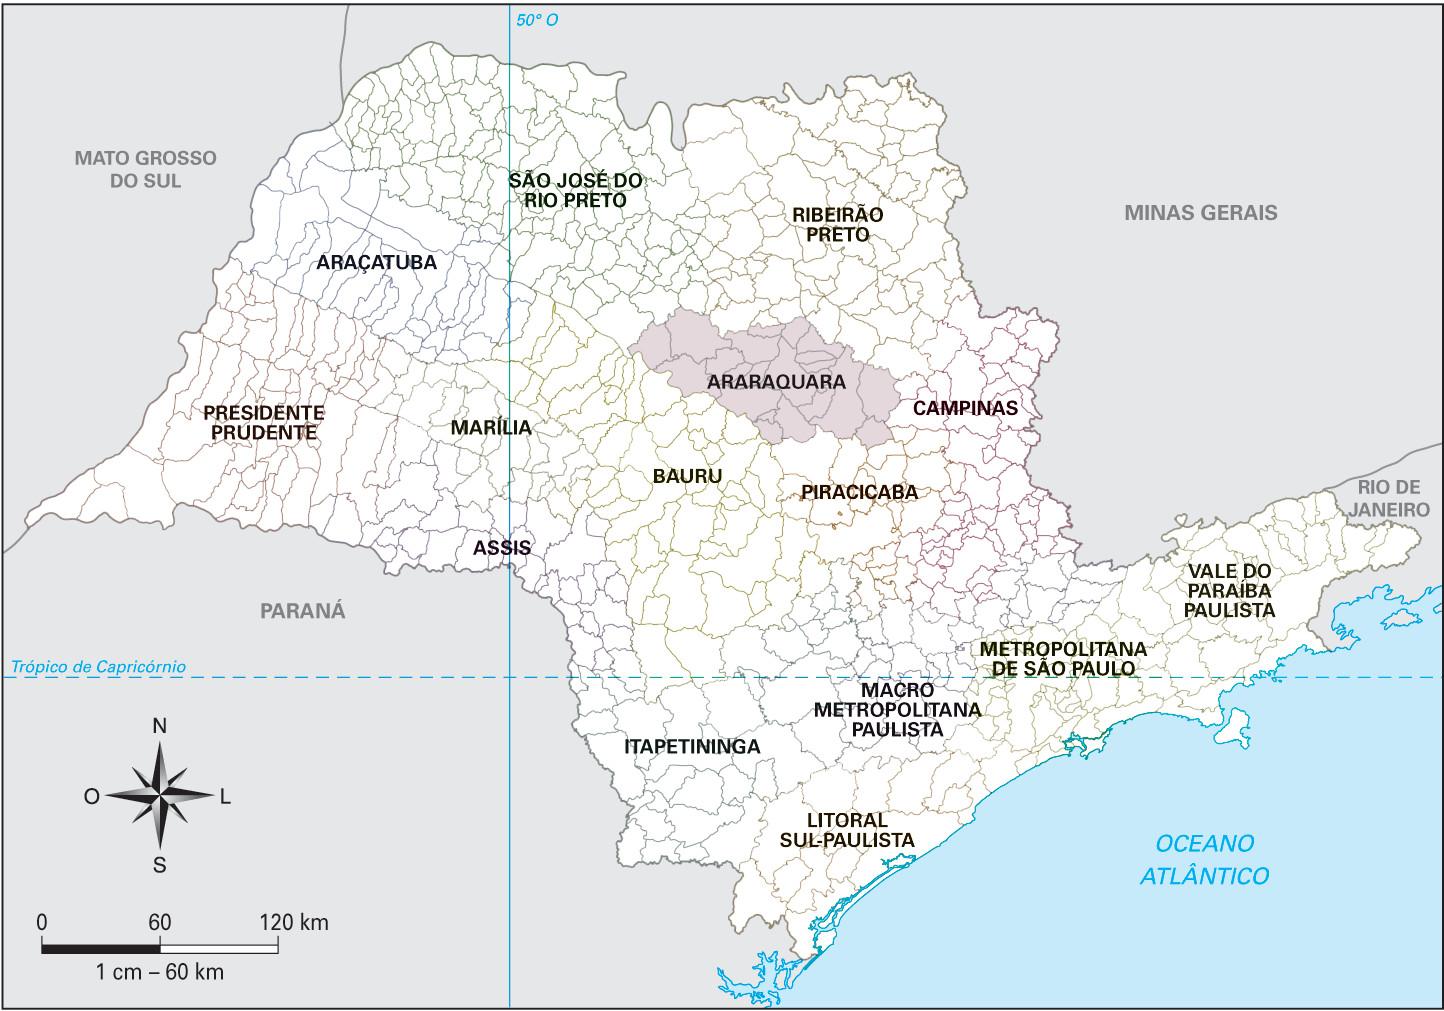 Araraquara (Mesorregião)